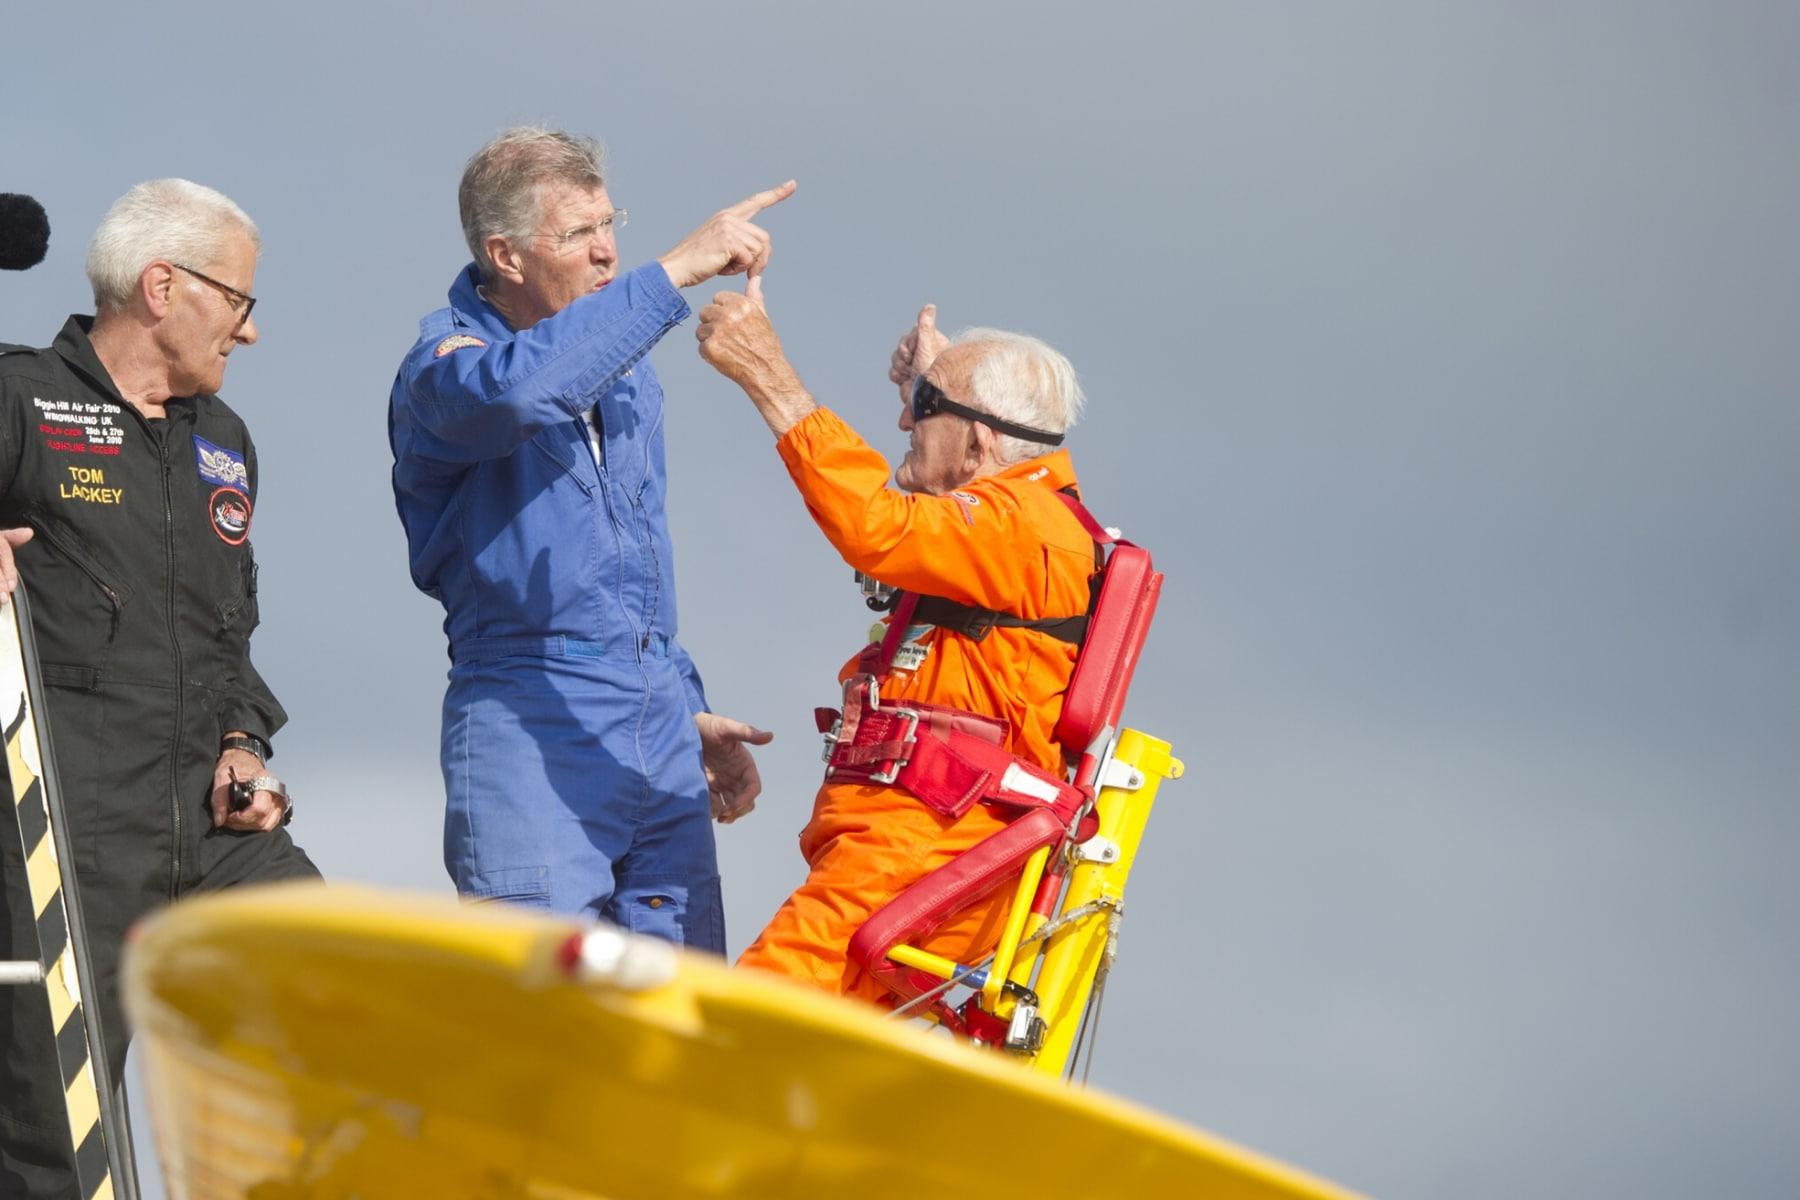 tom-lackey-acrobata-aereo-de-94-anos-en-gibraltar-10102014-10_15516255125_o